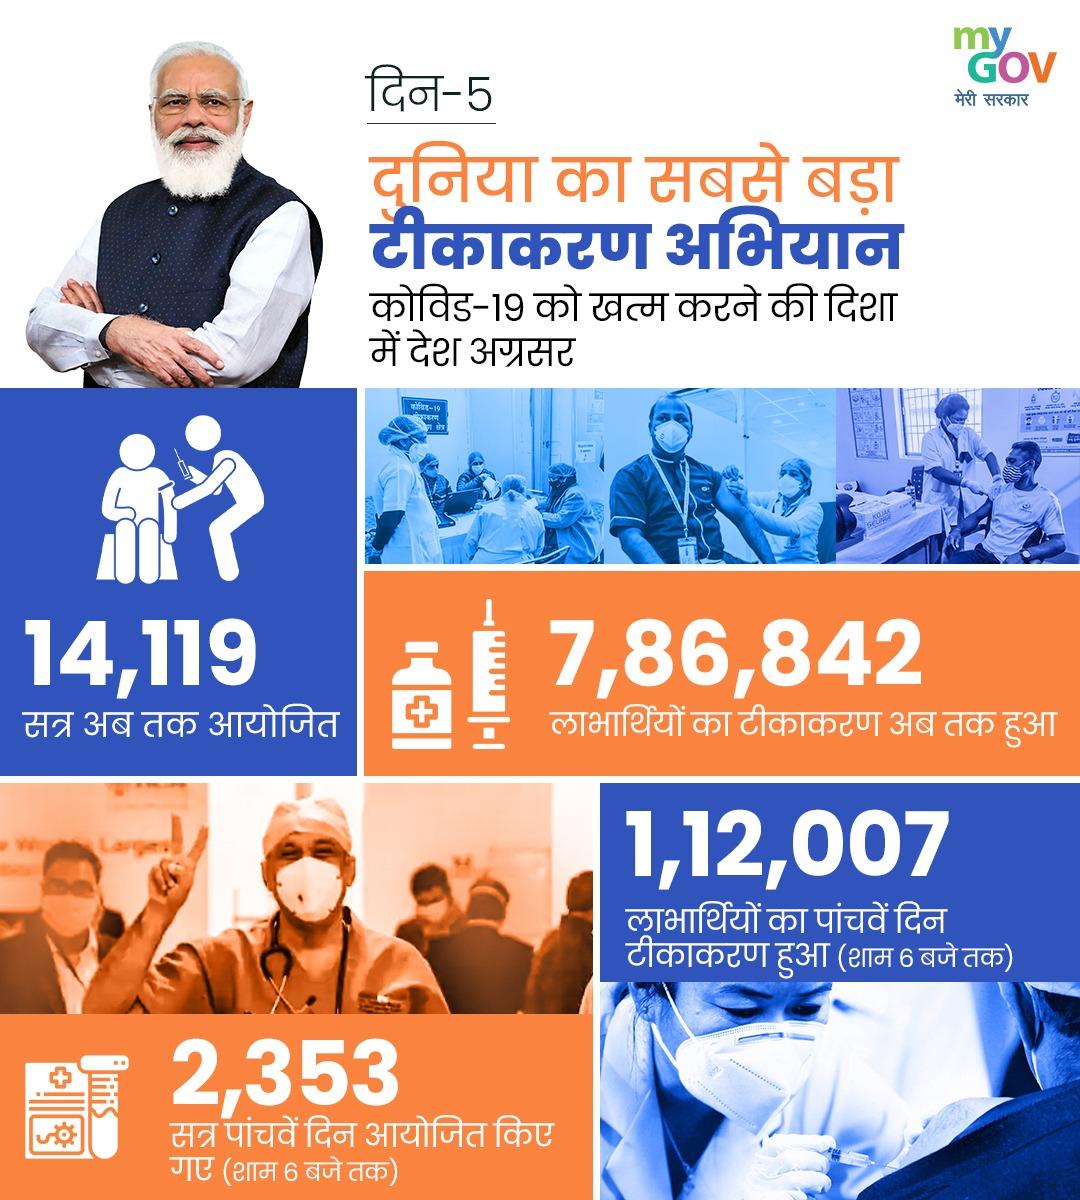 राष्ट्रव्यापी #CovidVacinnation के पांचवे दिन कुल 1,12,007 लाभार्थियों का टीकाकरण हुआ। देश भर में अब तक कुल 7.86 लाख से अधिक स्वास्थ्यकर्मियों का टीकाकरण हो चुका है। #LargestVaccinationDrive  #IndiaFightsCorona